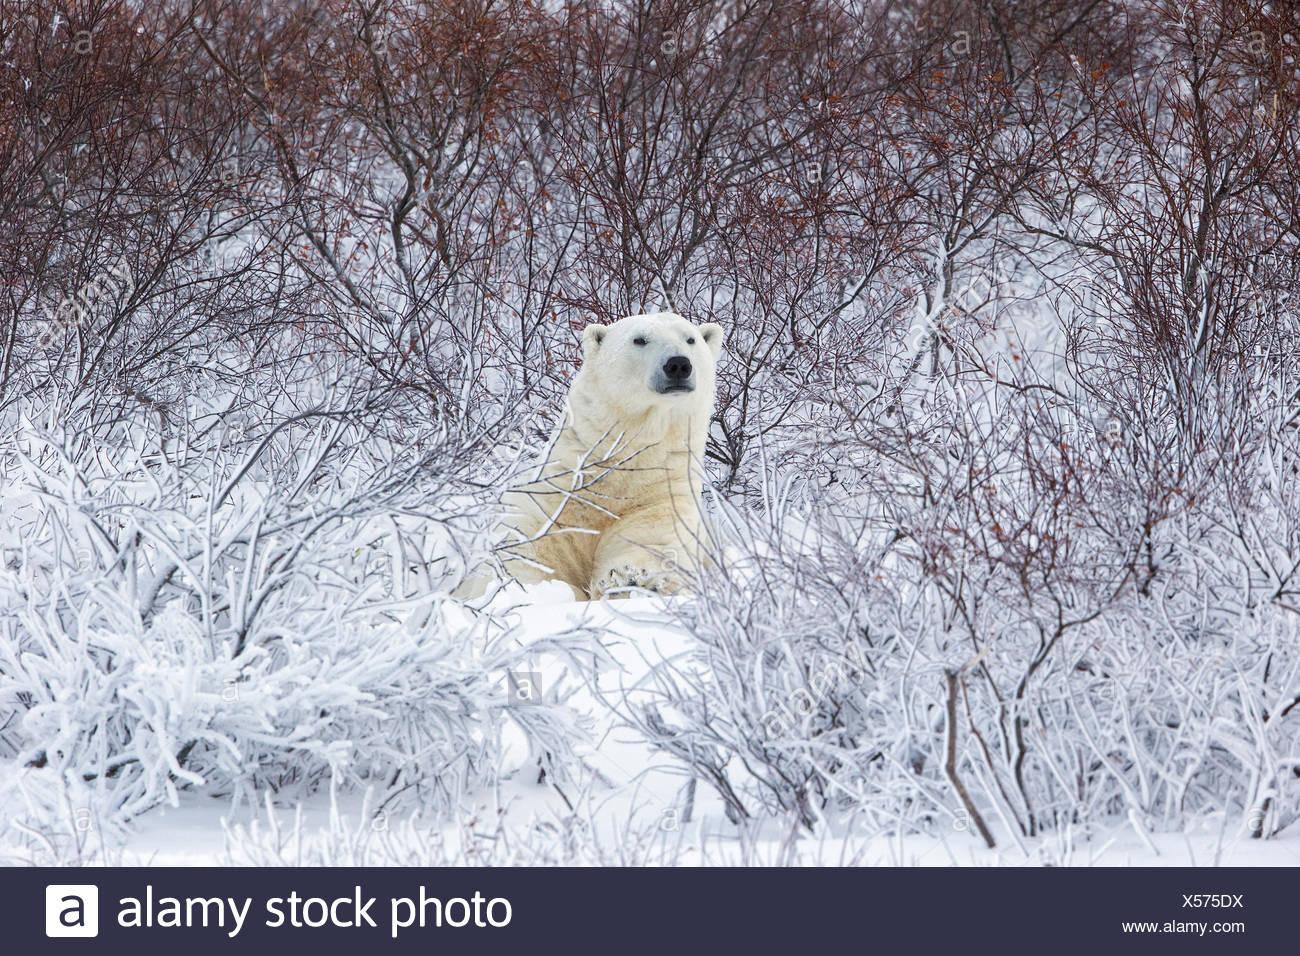 Orso polare (Ursus maritimus), in appoggio tra salici (Salix sp.), Cape Churchill, Wapusk National Park, Manitoba. Foto Stock